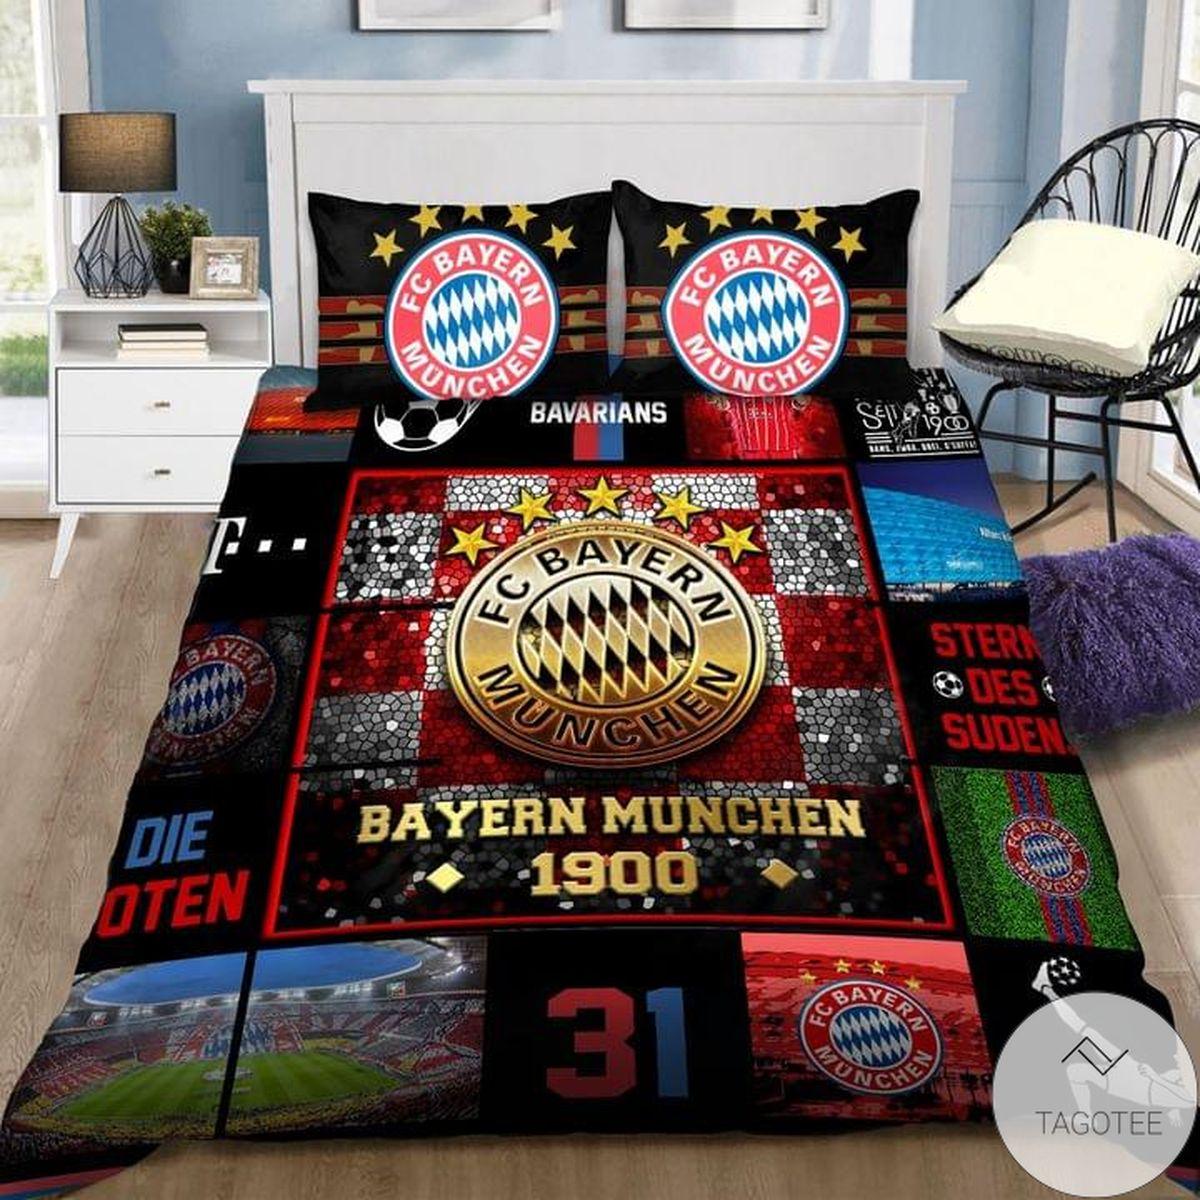 Bayern Munchen 1990 Bedding Set